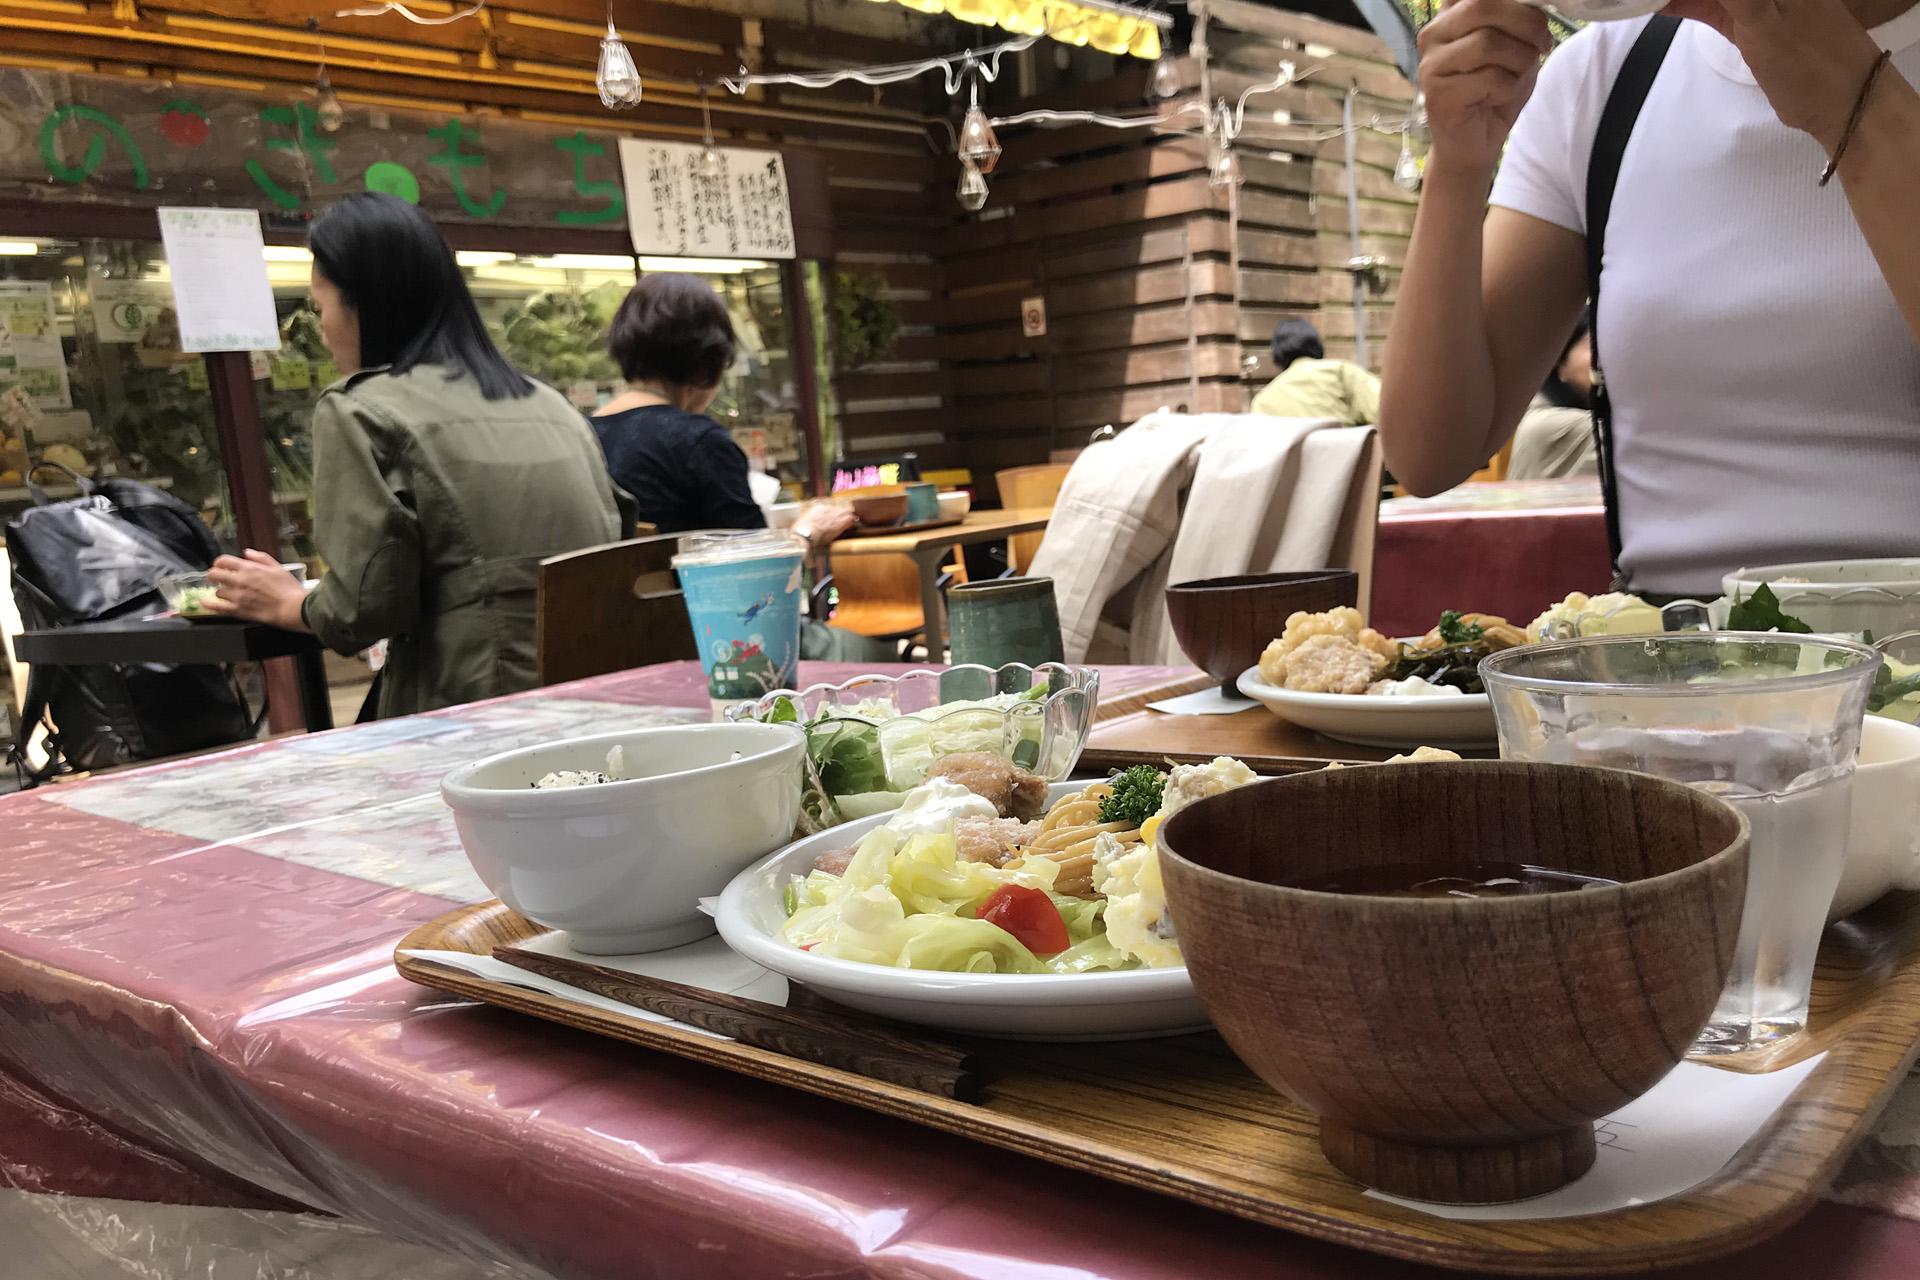 クレヨンハウス オーガニックレストラン 表参道